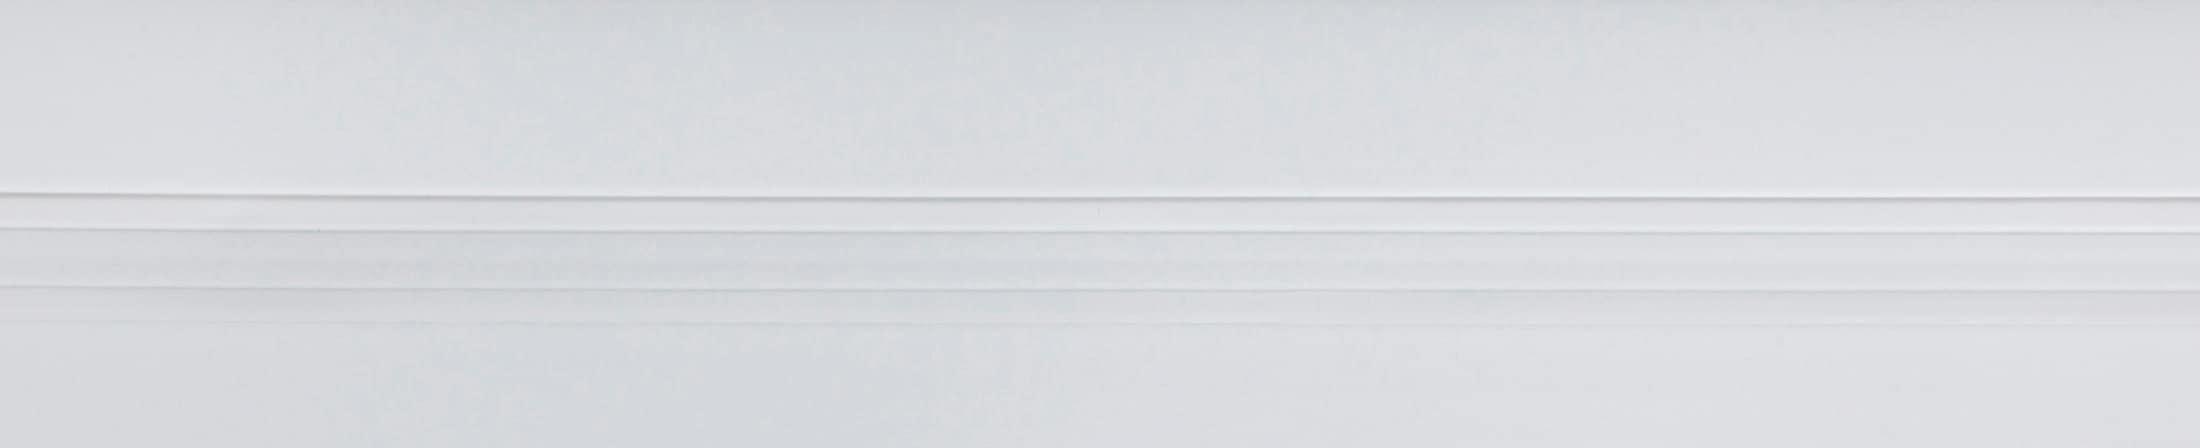 Image of BAUKULIT Flexprofil »MOTIVO«, Eck- Abschluss- und Stossverbindungen Grau, 1 Rolle (3m)